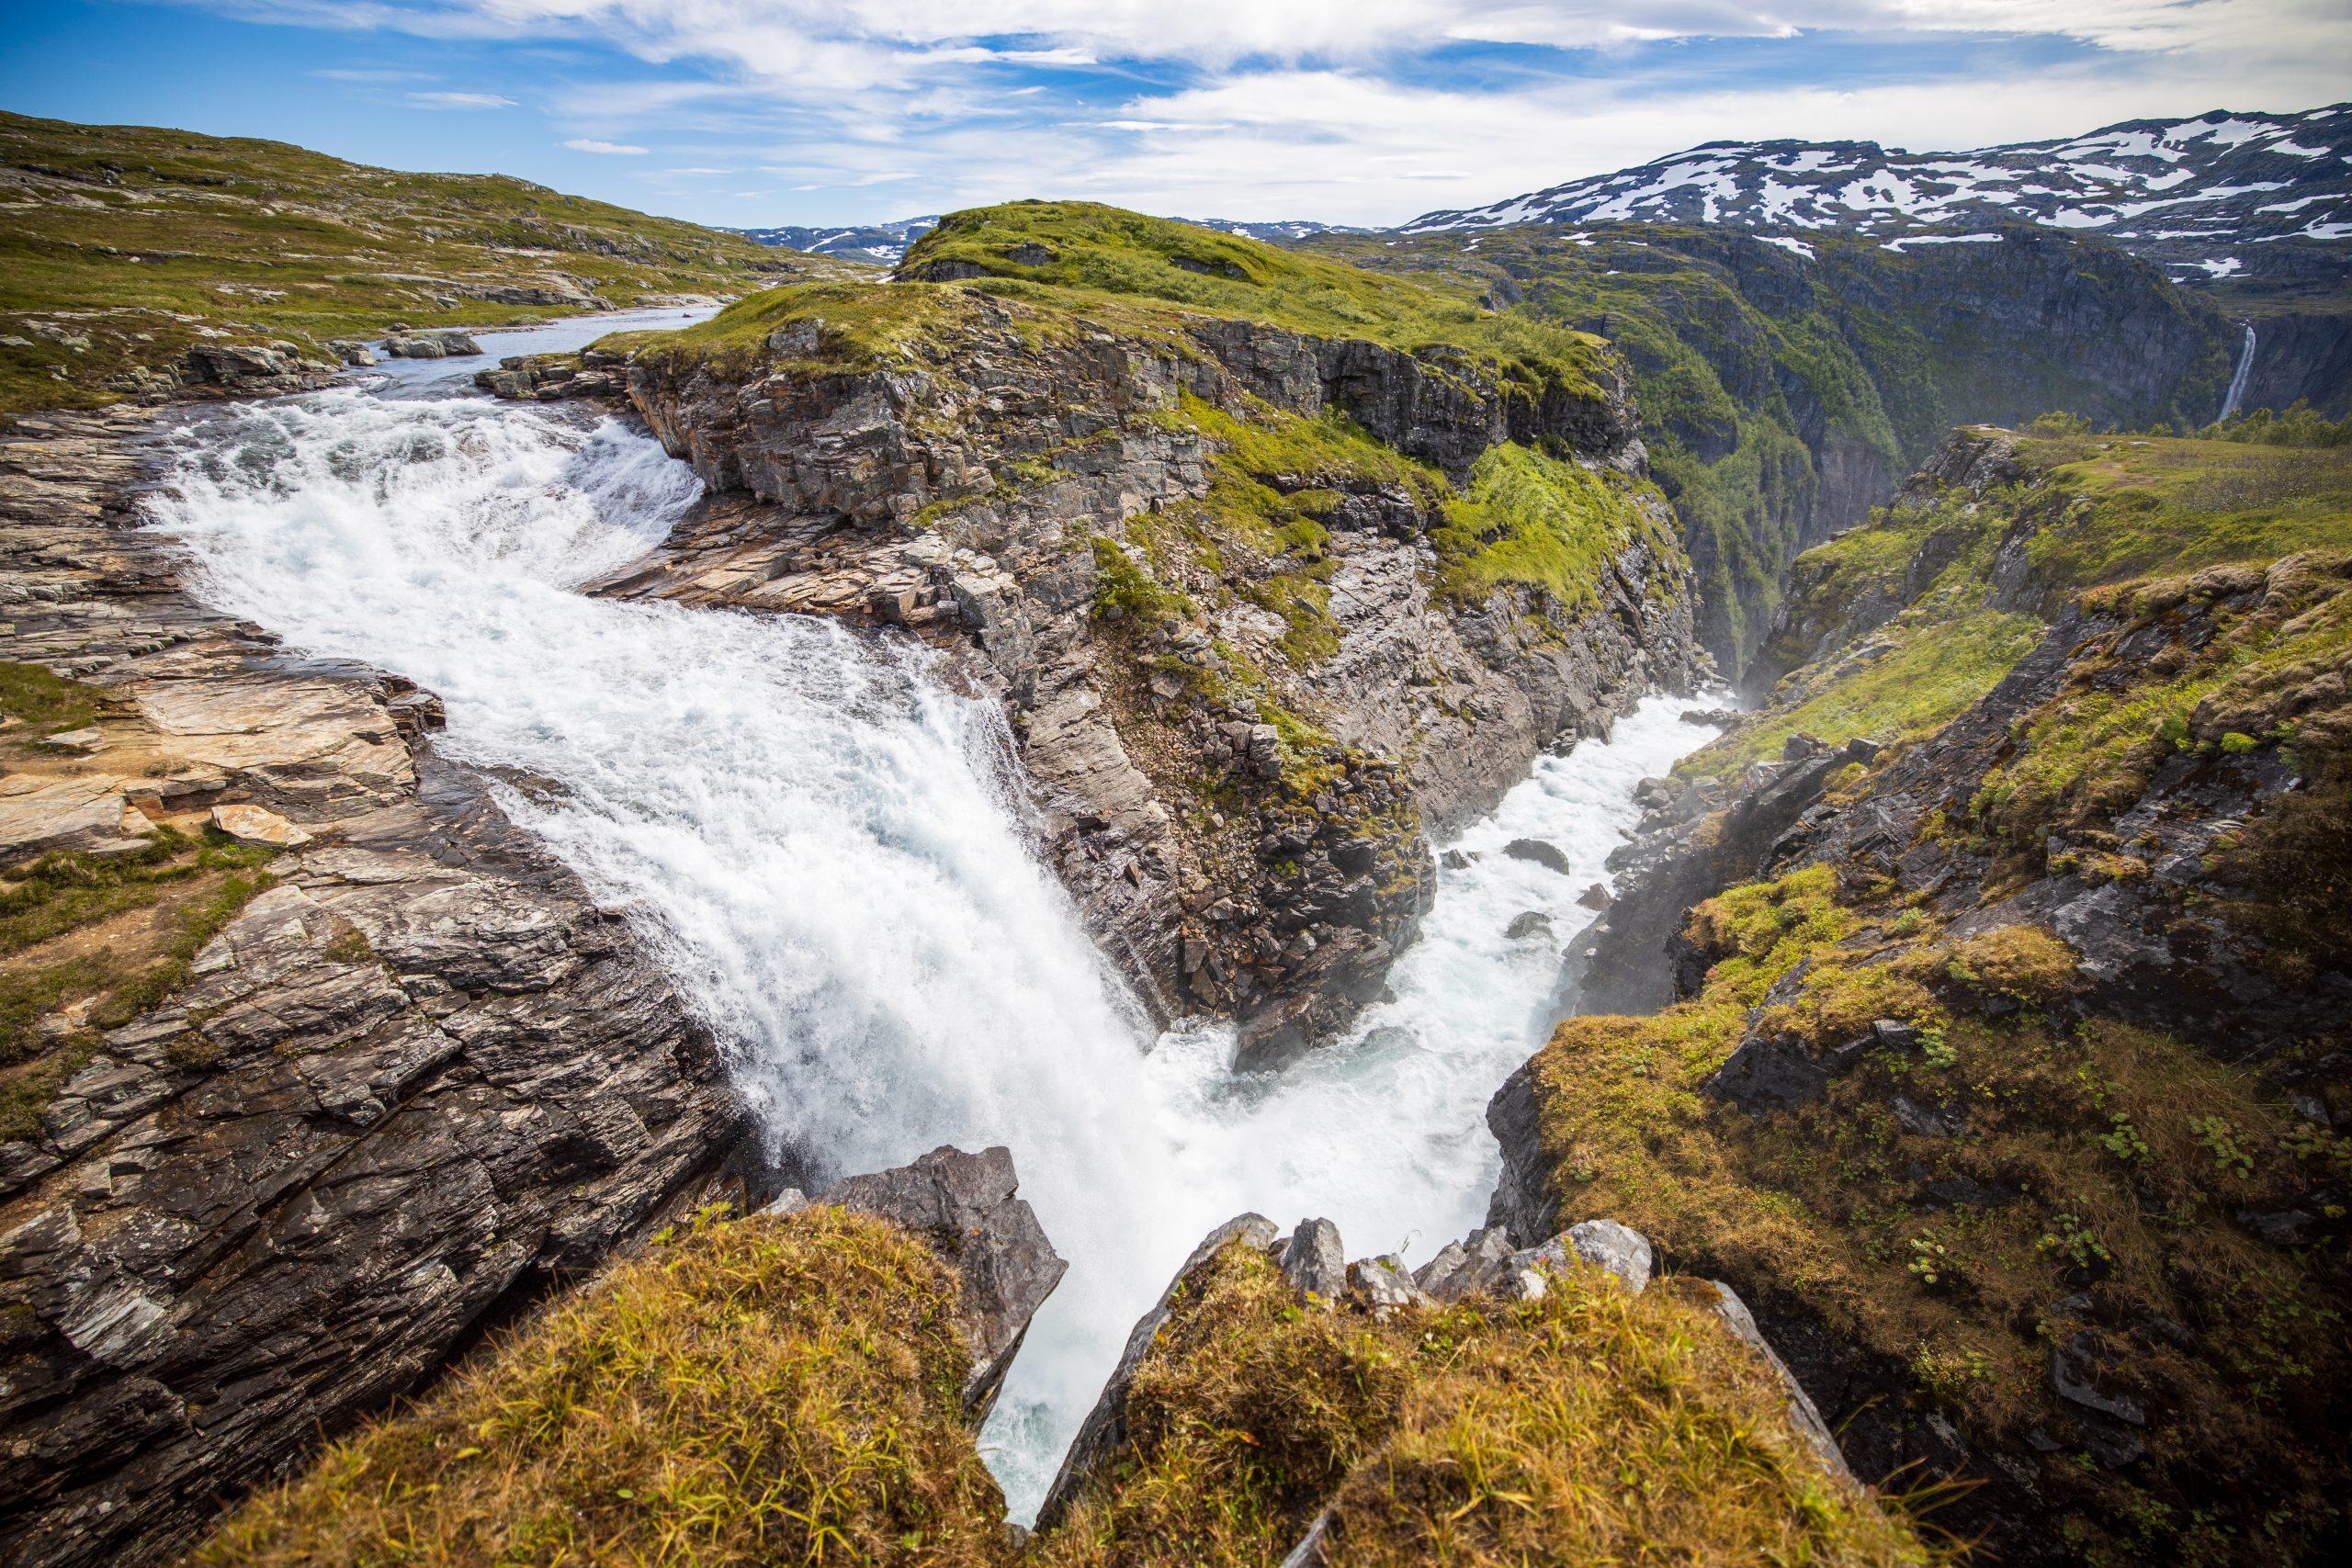 Rjukande og Bjørnebykset er et spektakulær fossefall fra fjellplatået Hardangervidda og ned mot Lofthus.